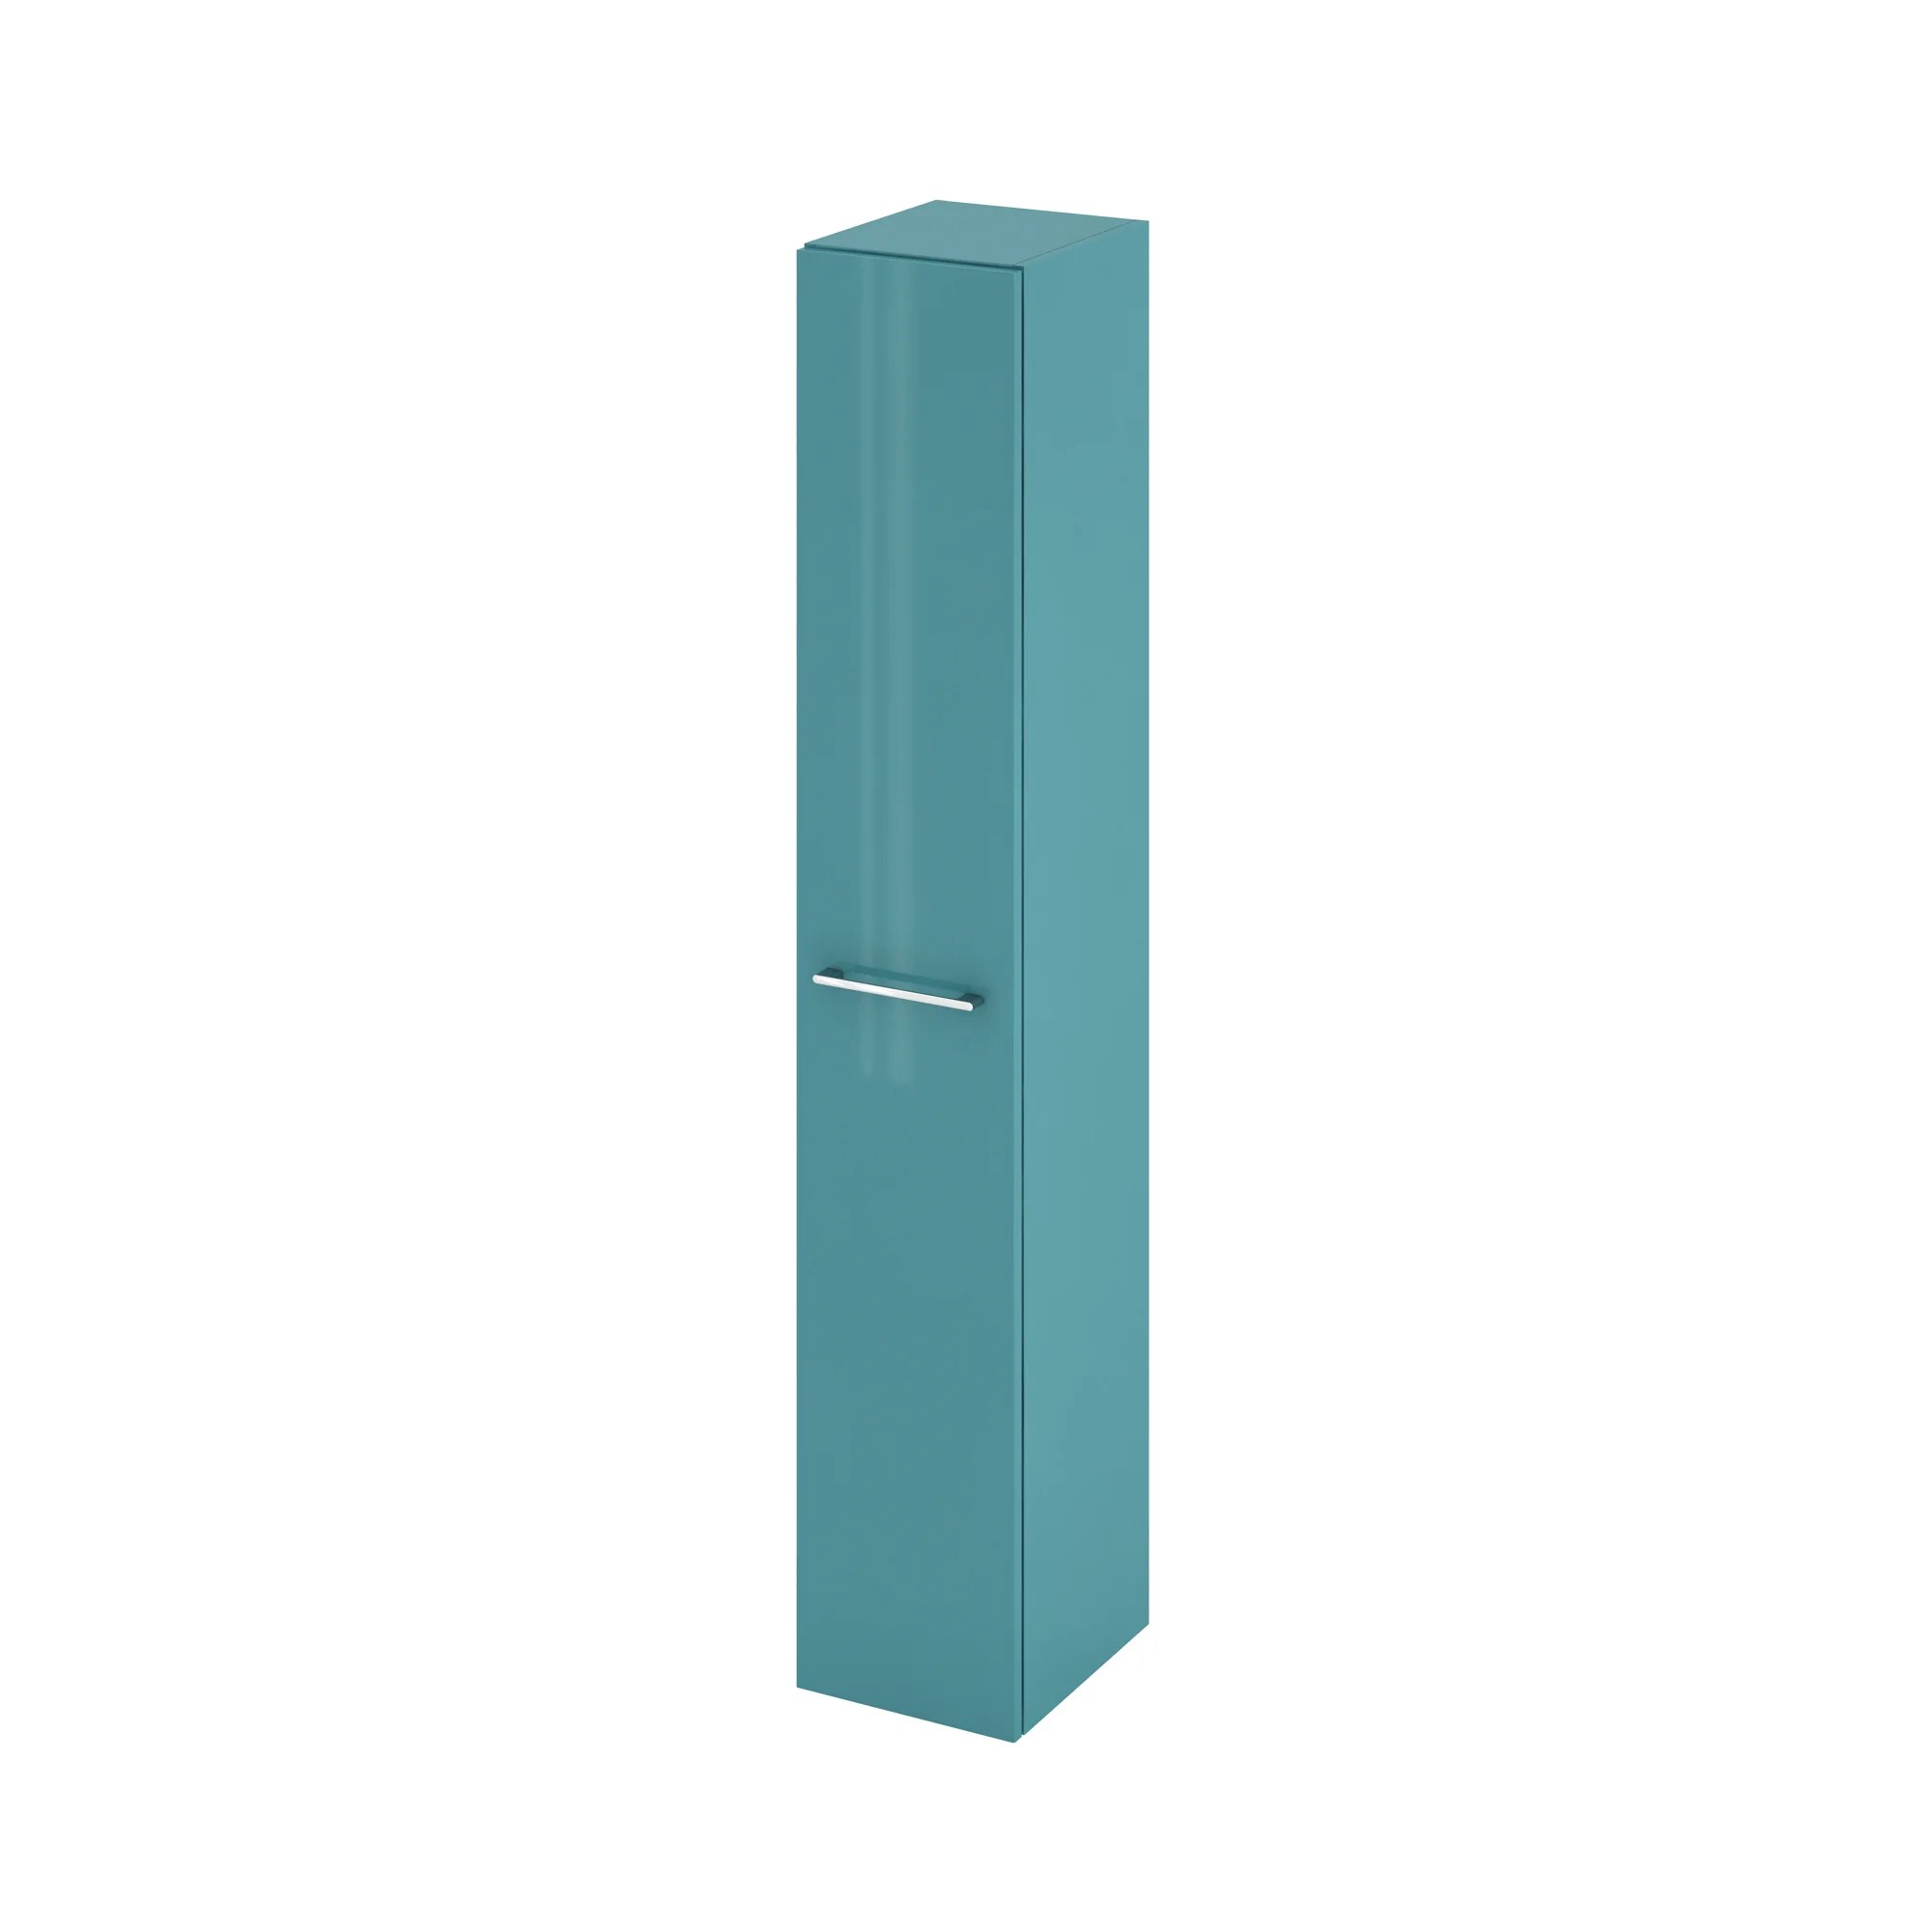 colonne de salle de bains l 30 x h 173 x p 34 8 cm vert laguna remix